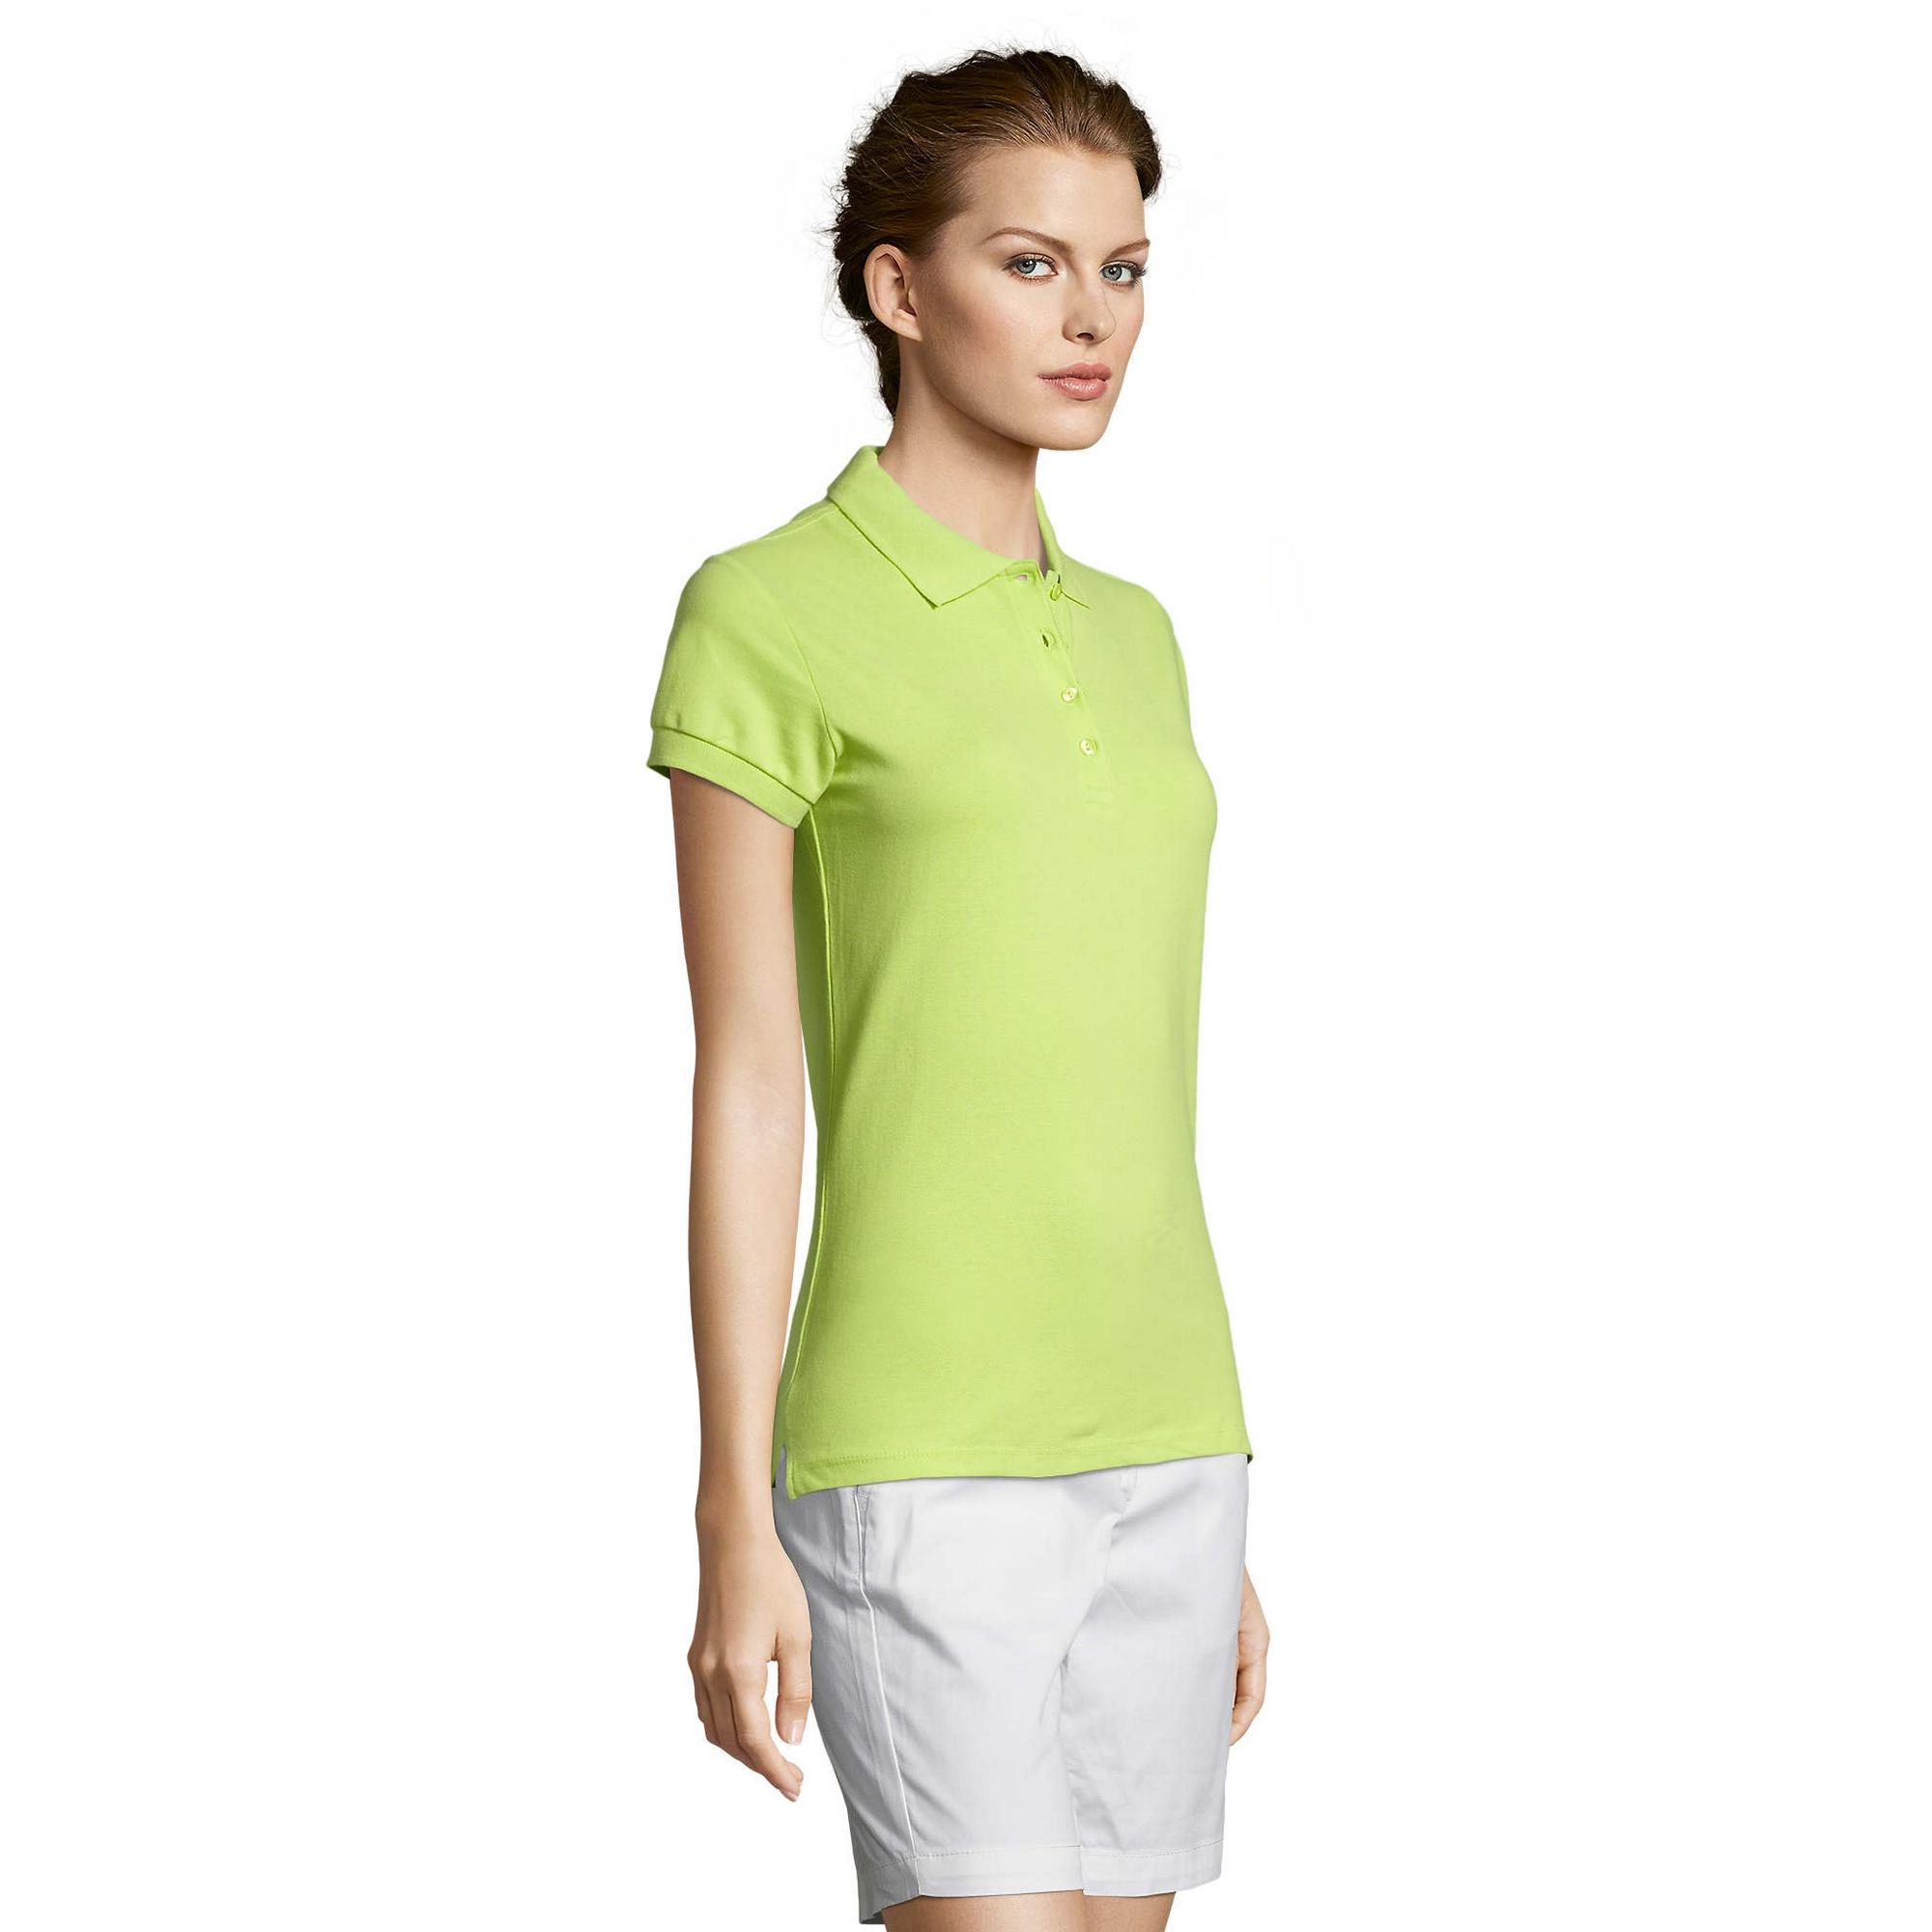 miniature 71 - SOLS-People-Polo-100-coton-a-manches-courtes-Femme-S-2XL-17-PC319